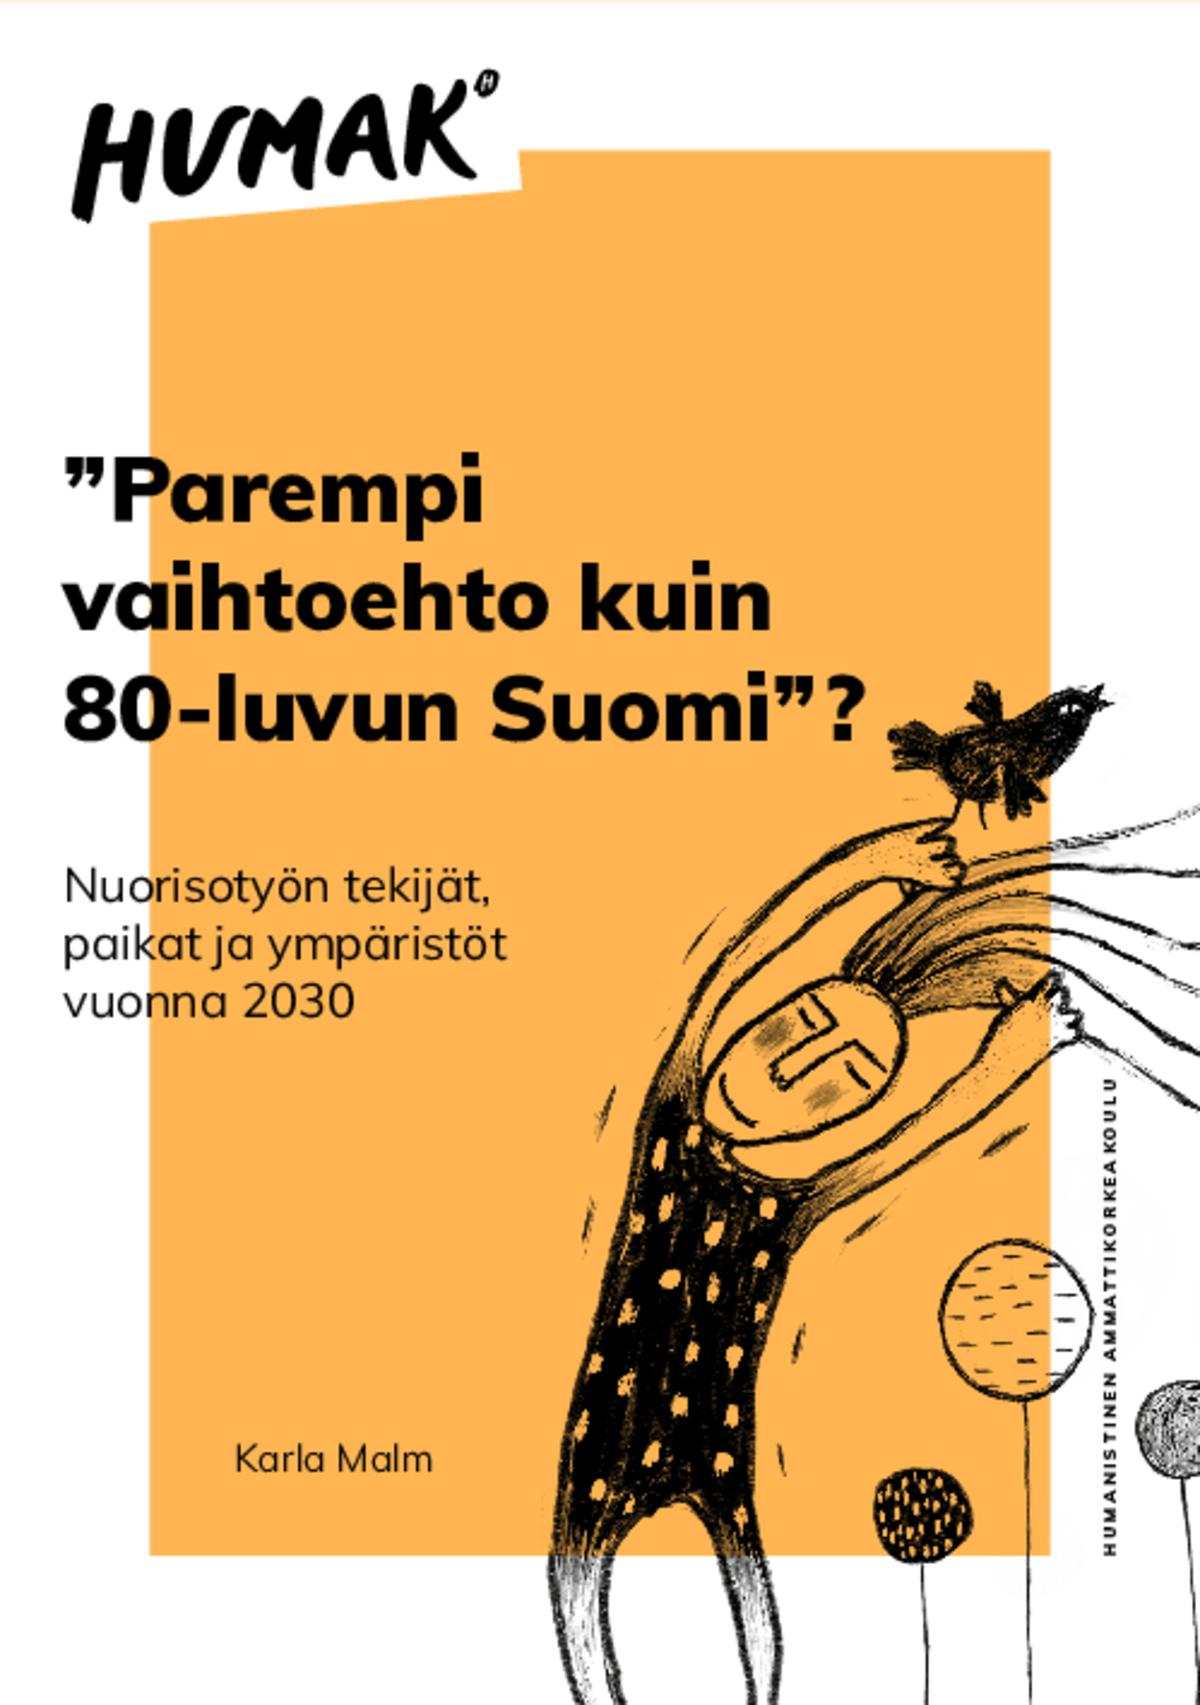 """Karla Malm: """"Parempi vaihtoehto kuin 80-luvun Suomi""""? Nuorisotyön tekijät, paikat ja ympäristöt vuonna 2030"""